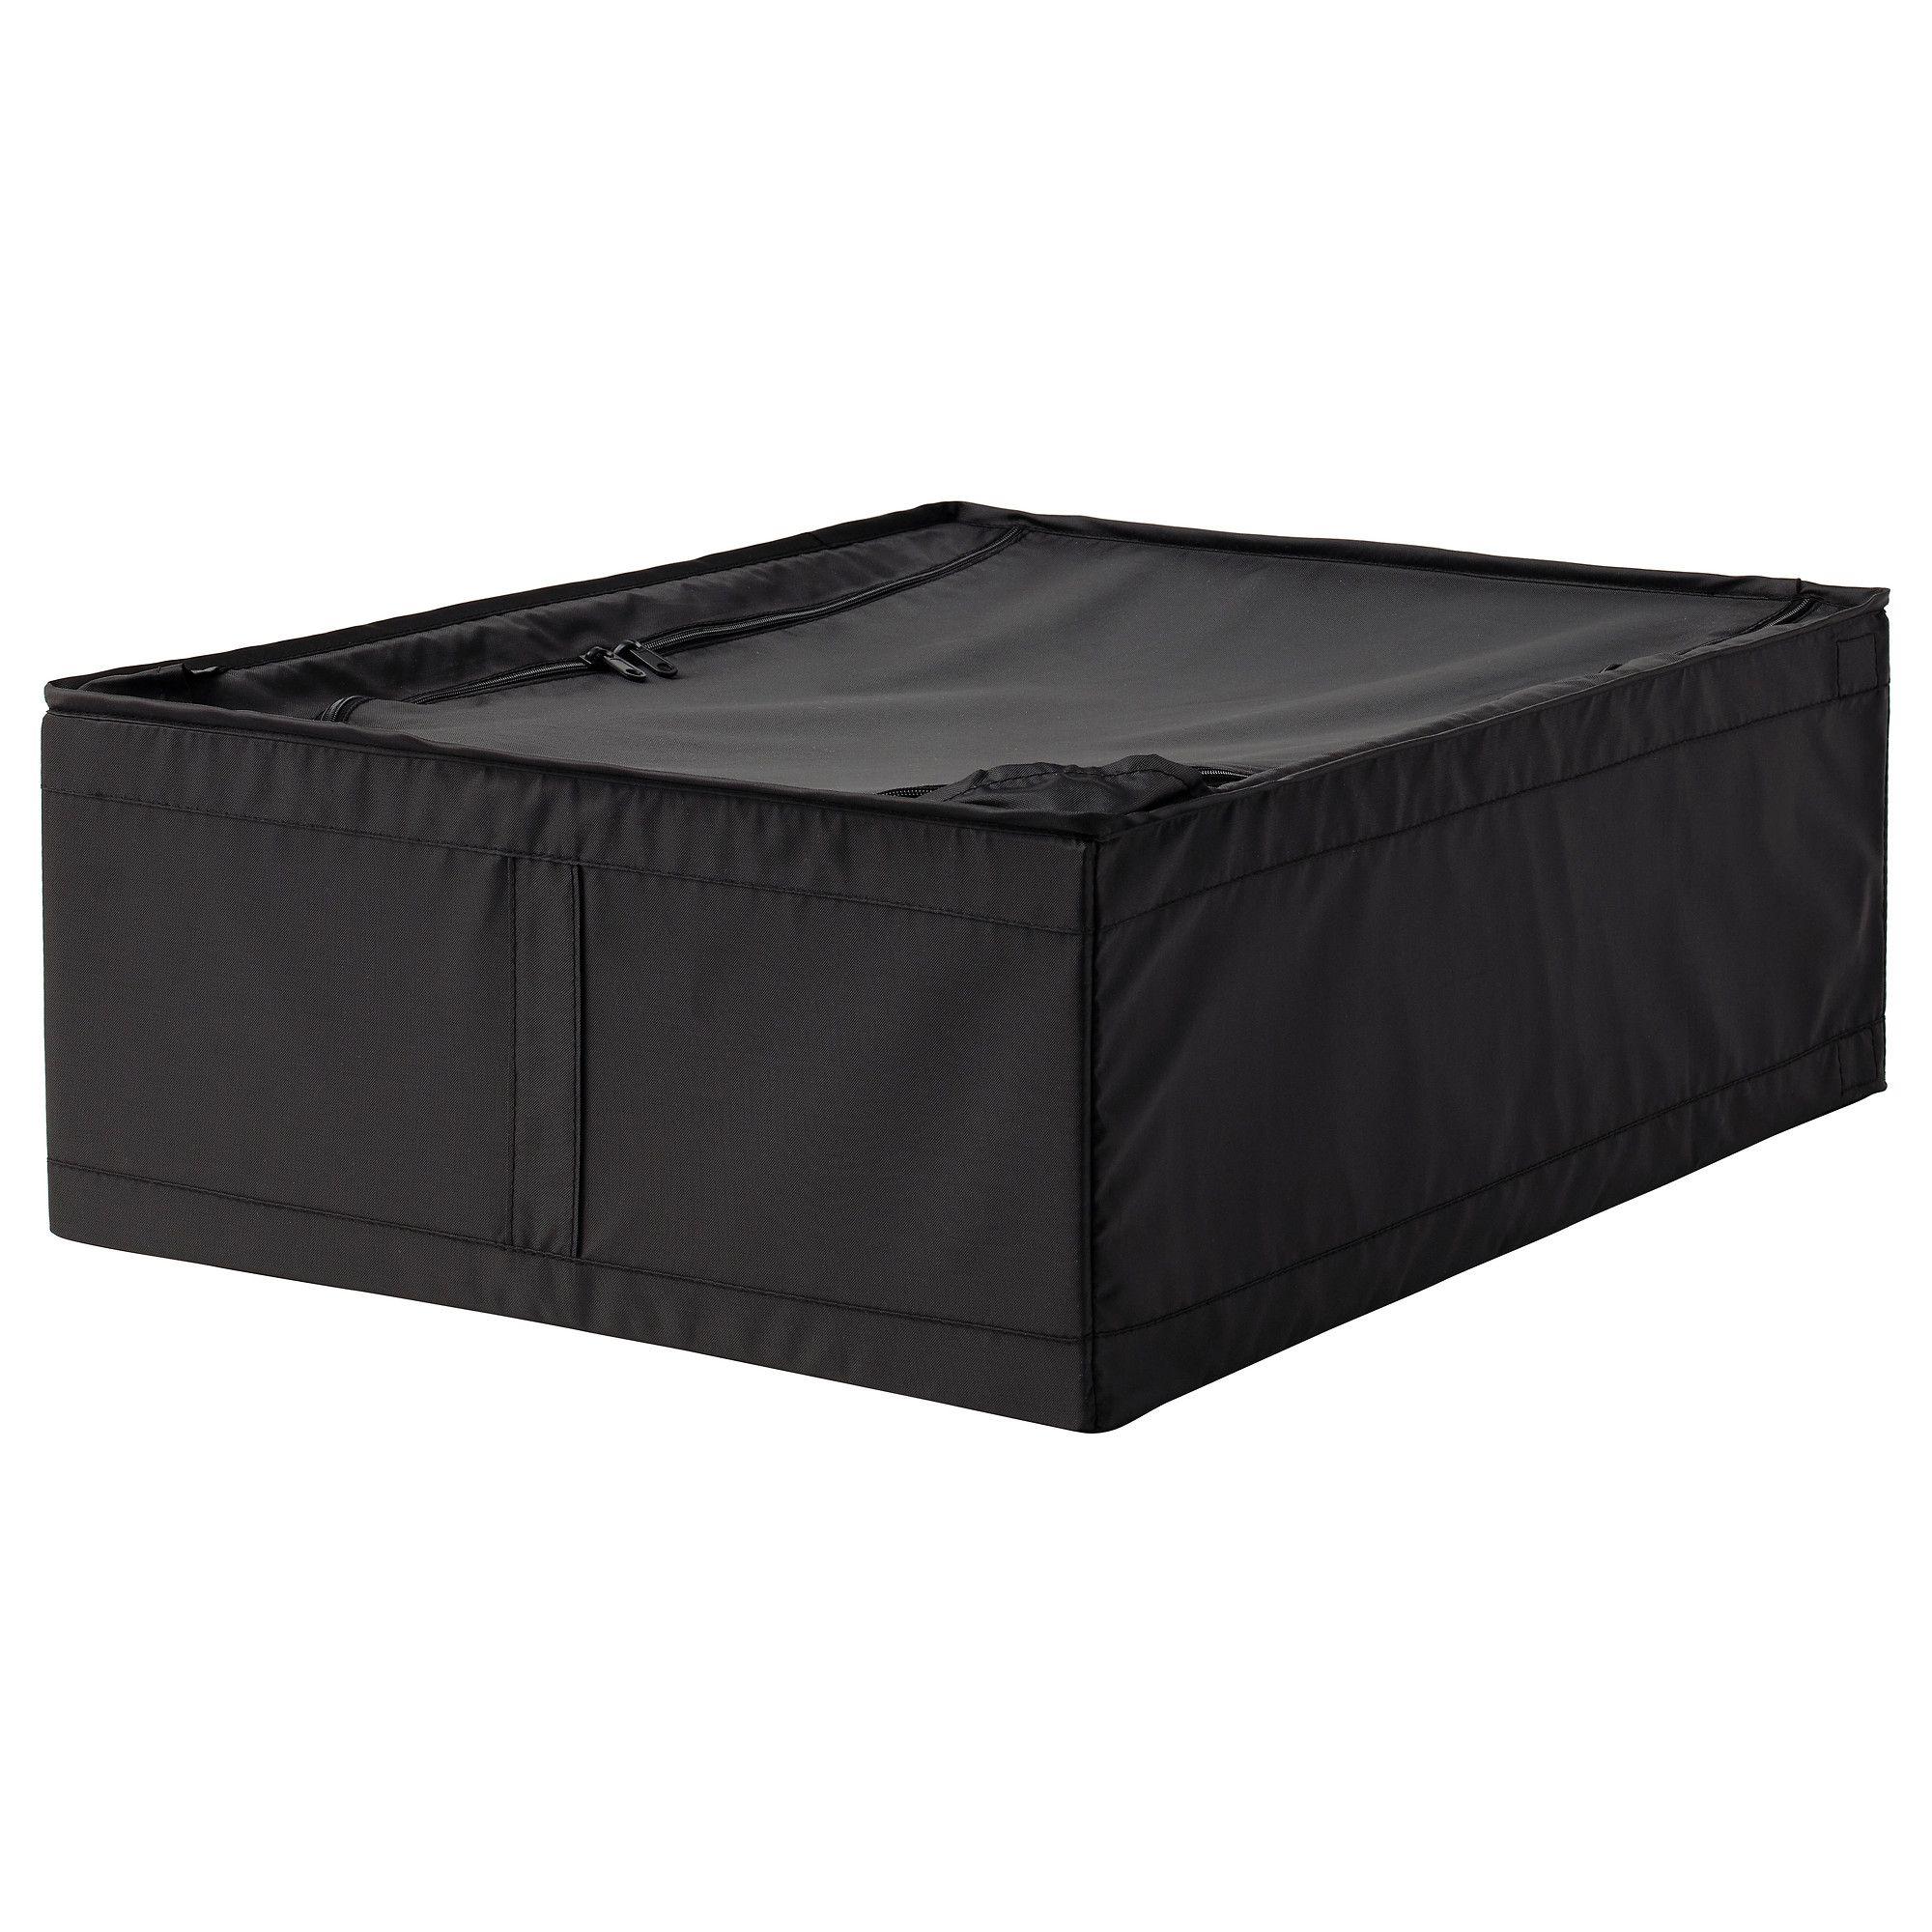 Skubb Storage Case Black In